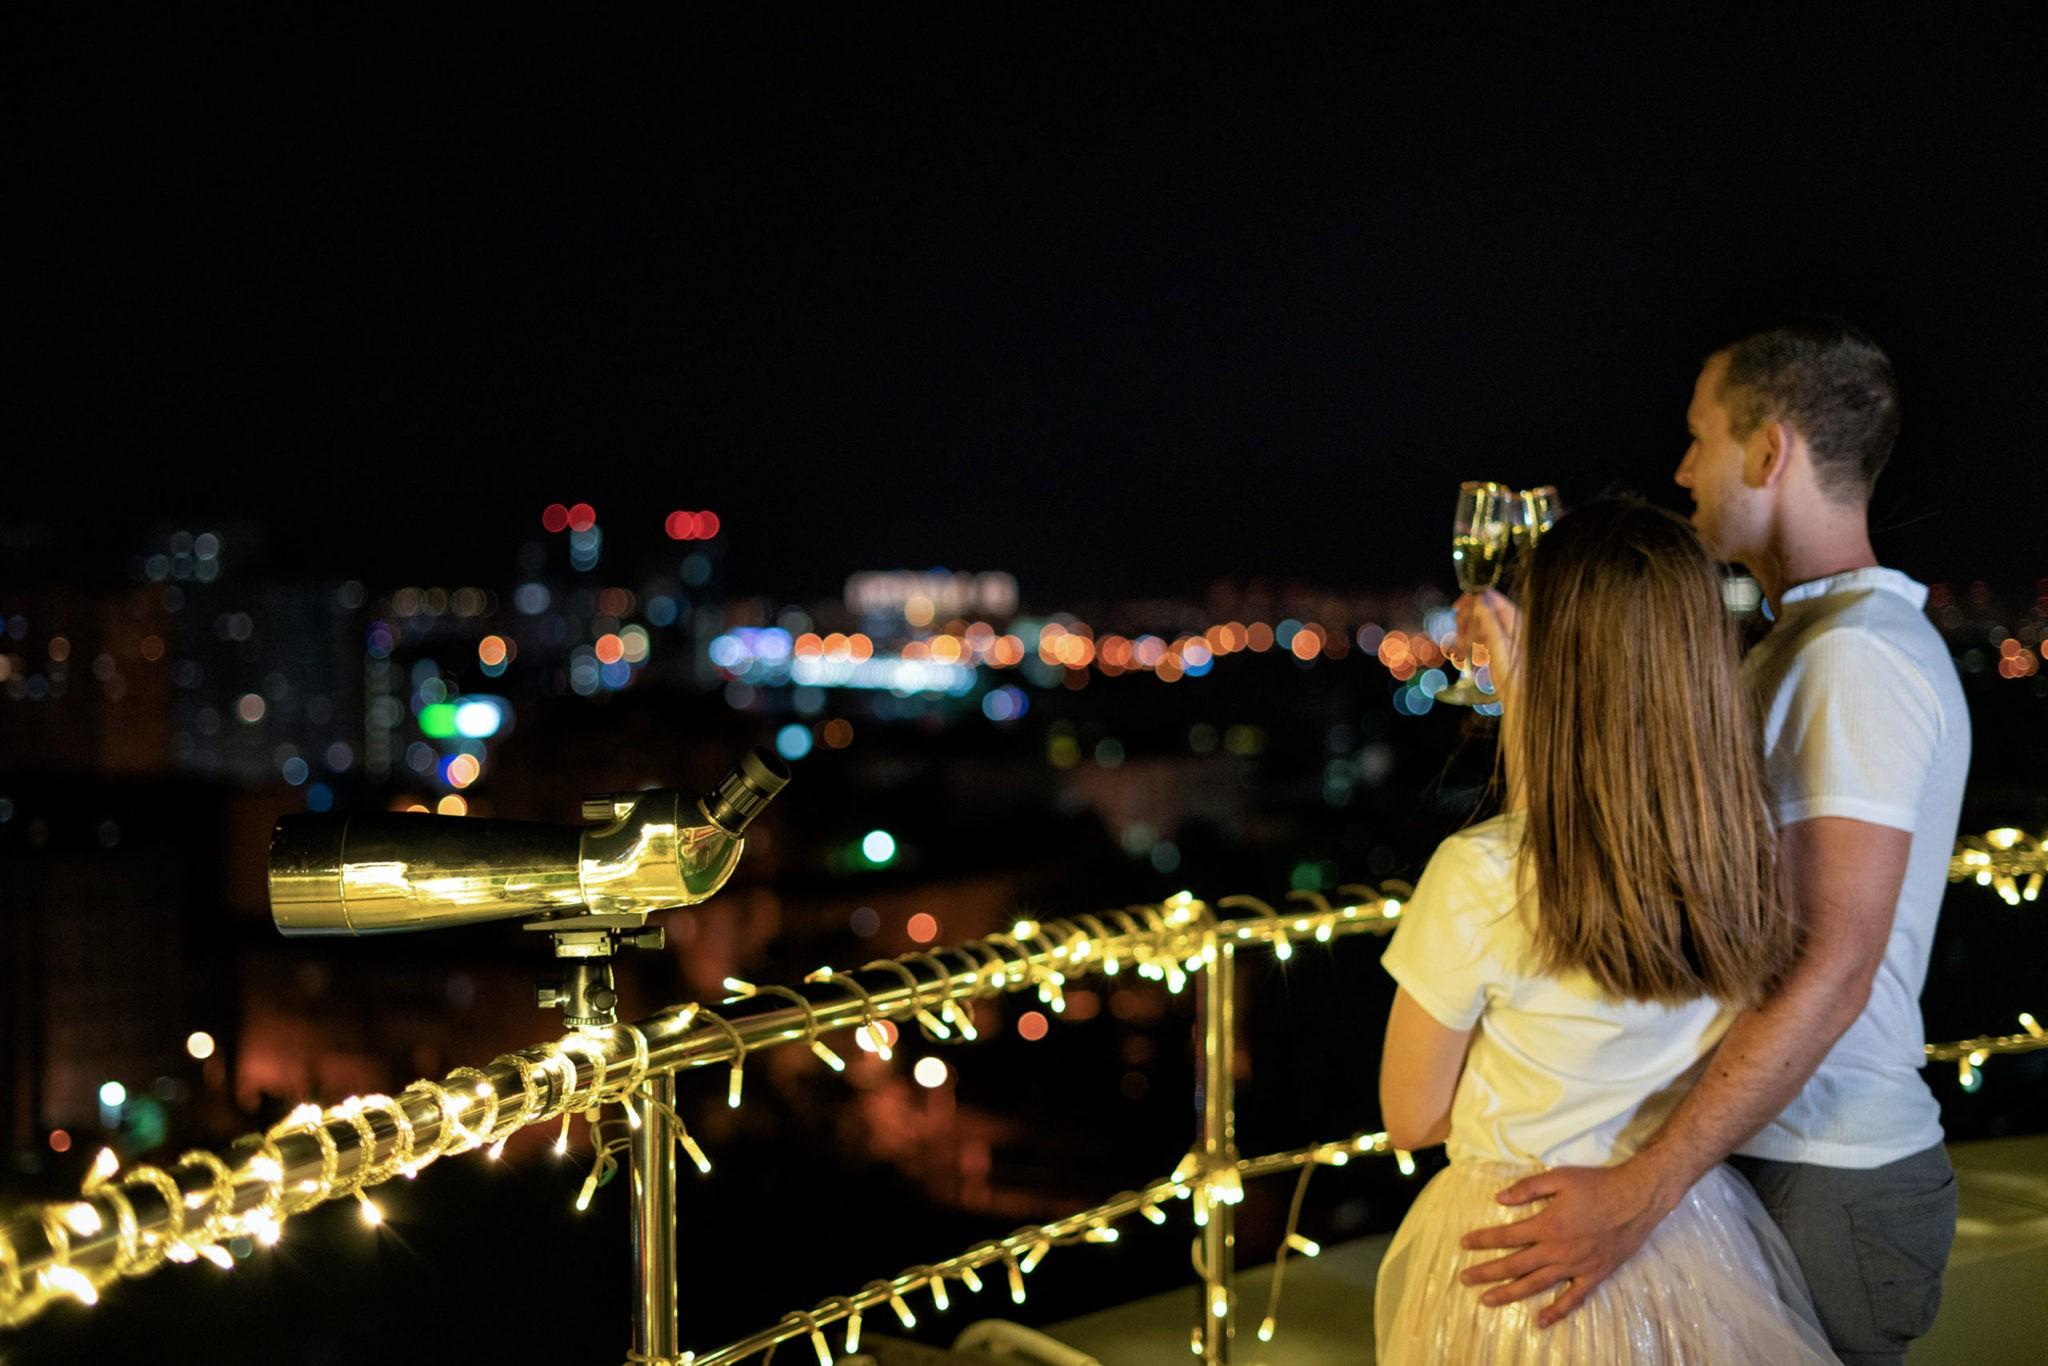 Love story в Краснодаре, ночная съемка история любви